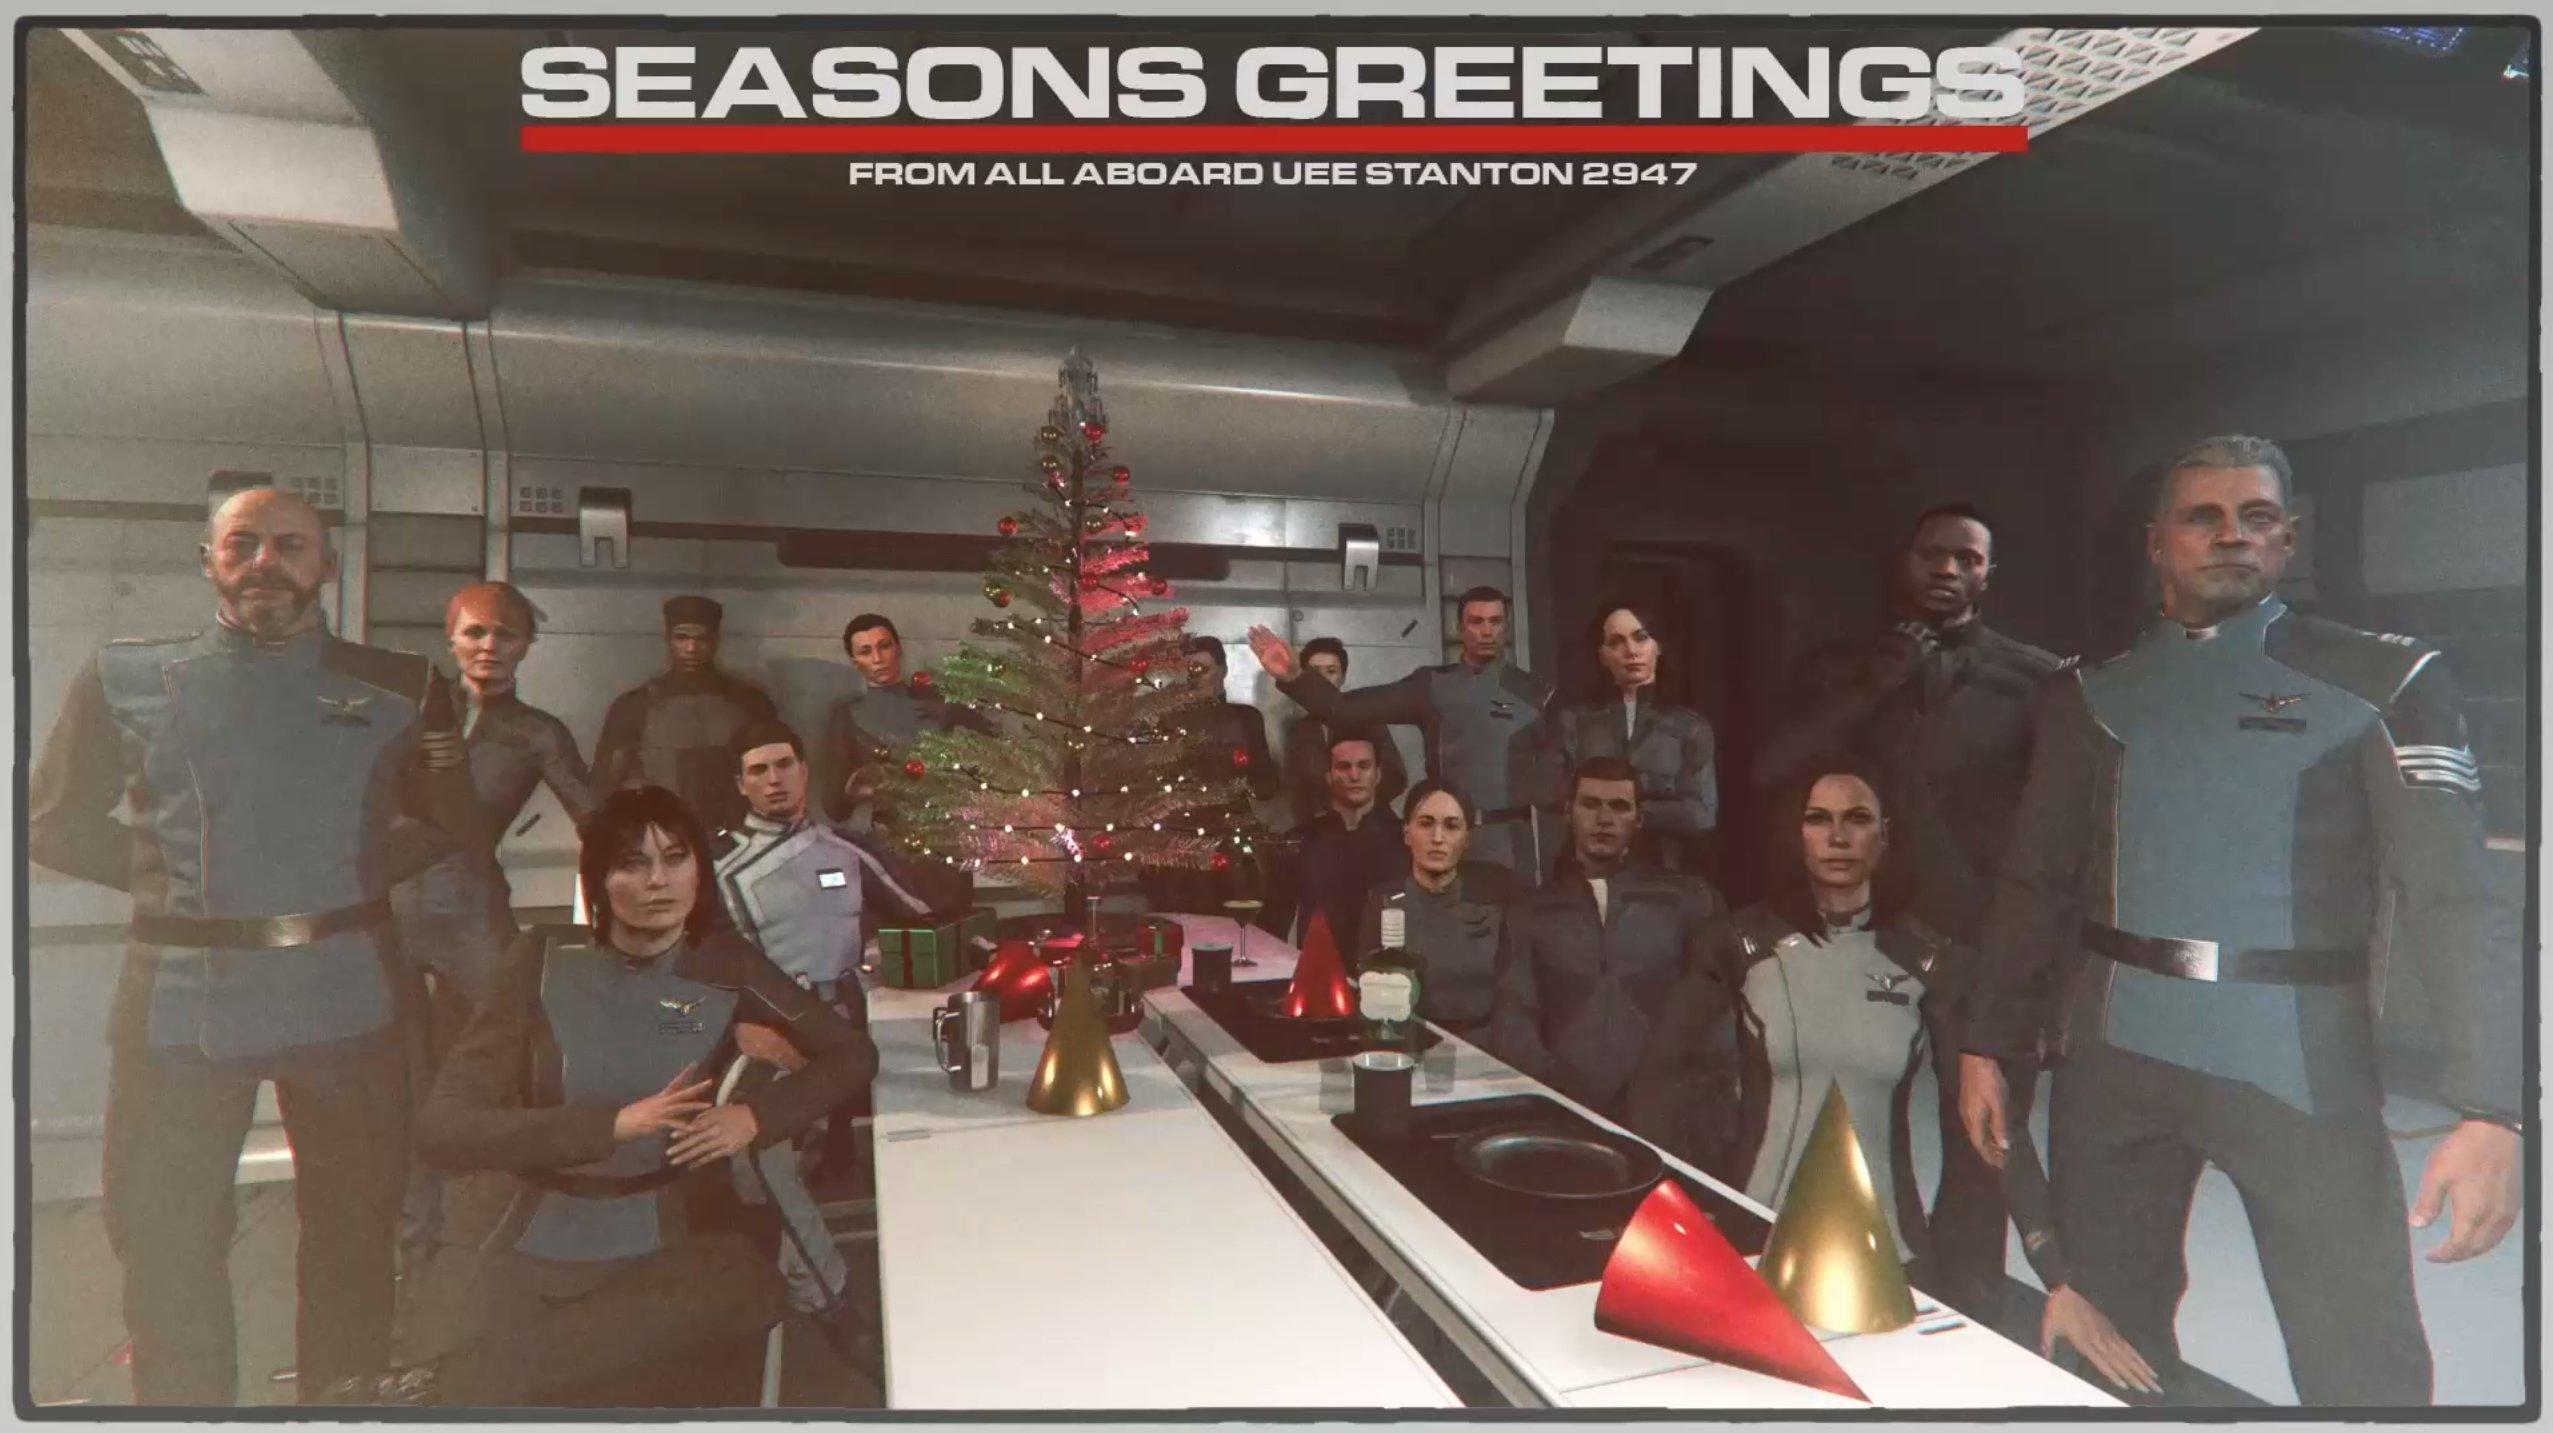 Pocztówka świąteczna od załogi UEE Stanton